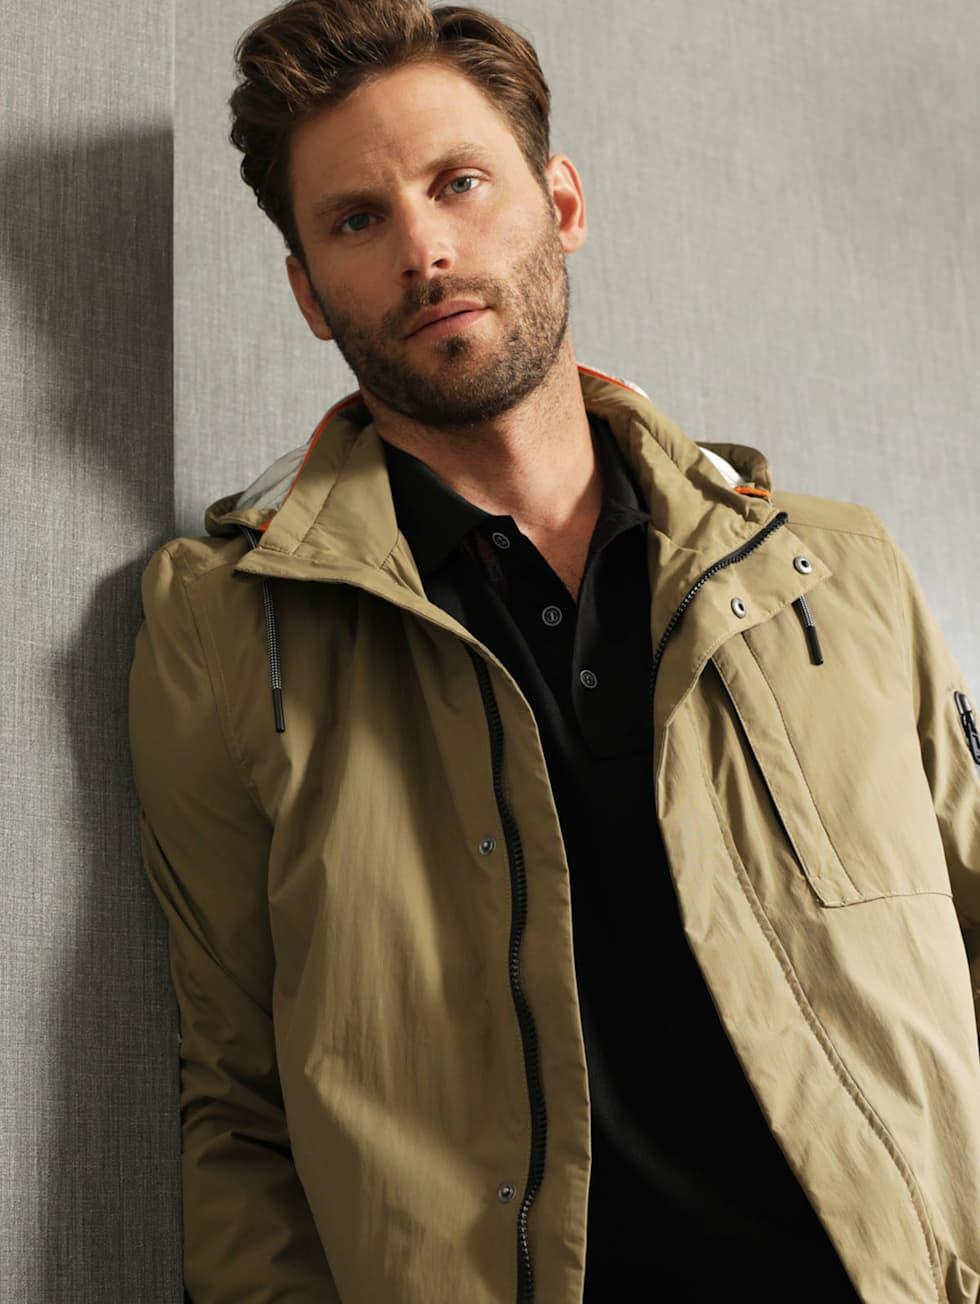 Premium-Outfit: Grüner Parka, schwarzes Poloshirt und blaue Jeans